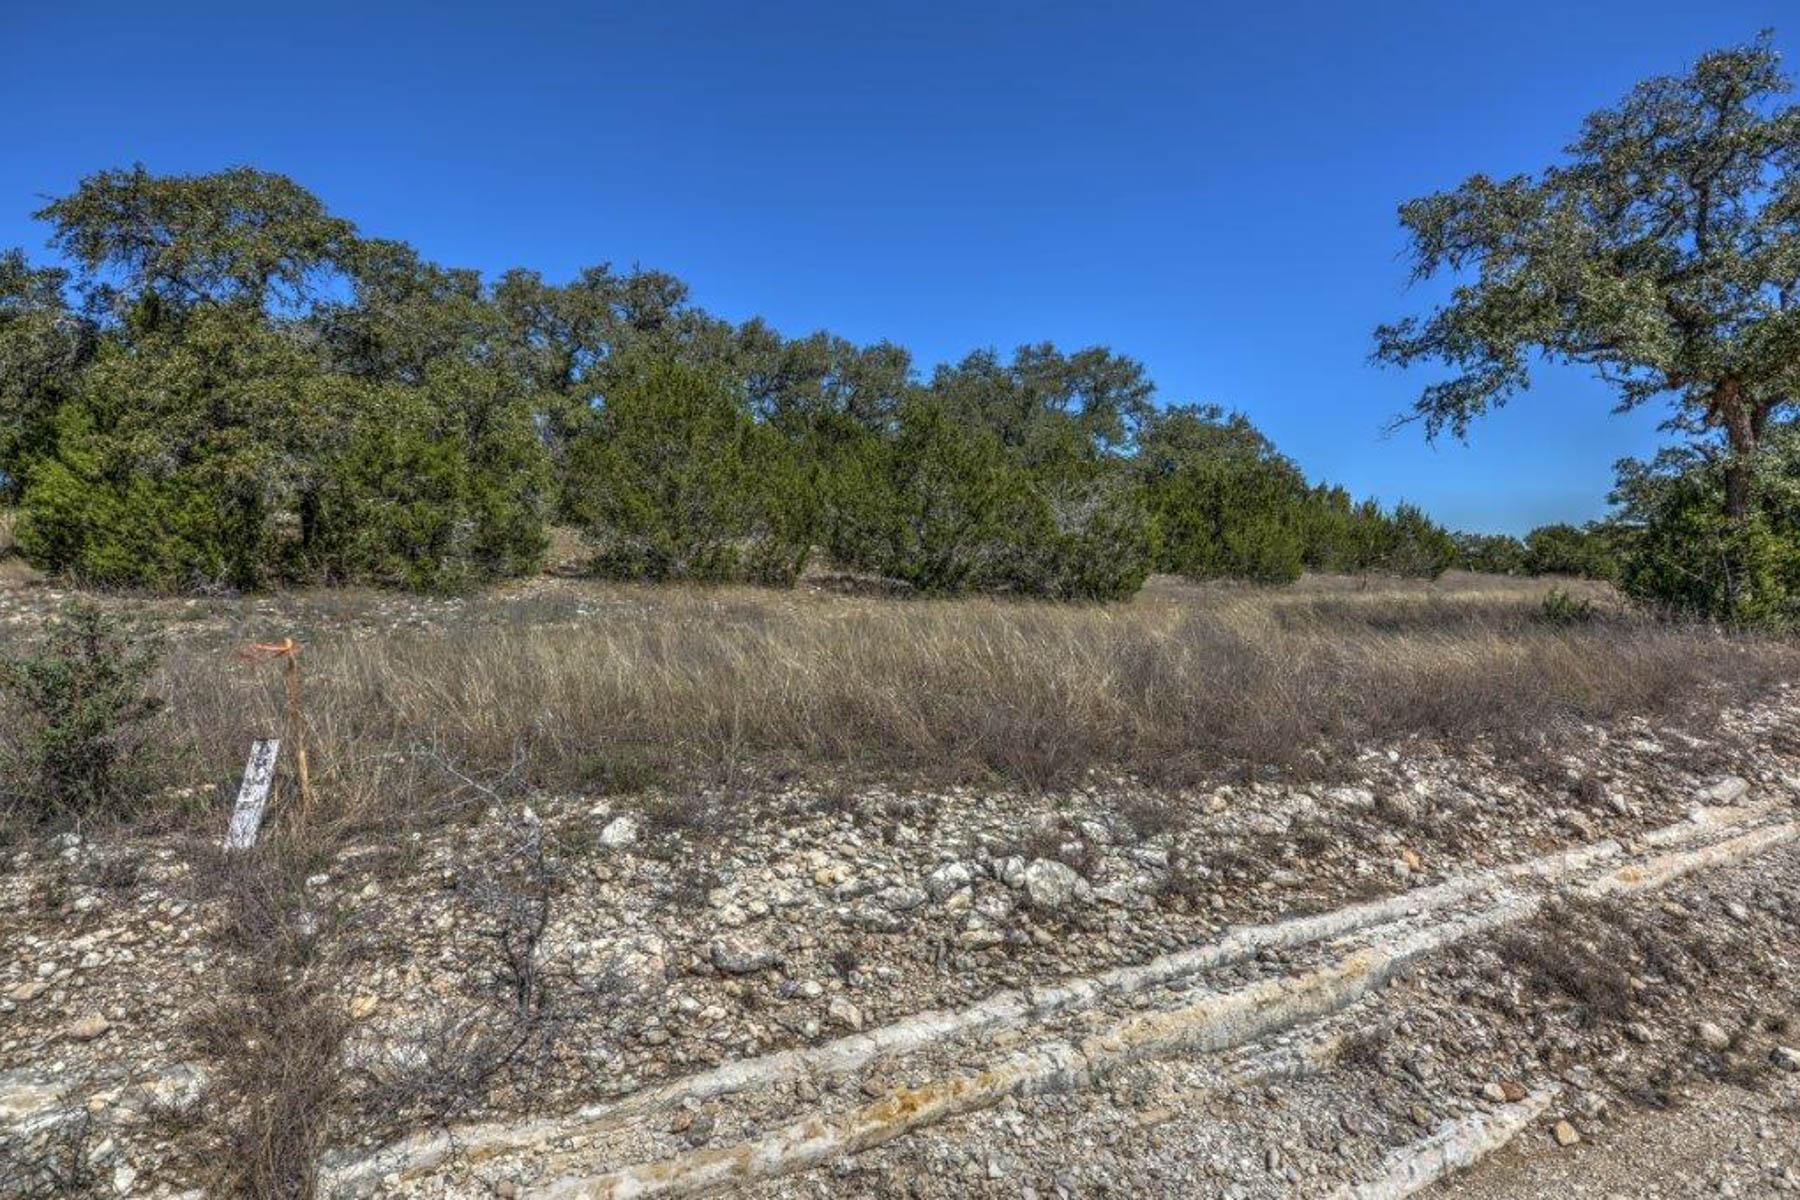 Terreno por un Venta en Canyon Lake Where it Meets the Guadalupe River 2030 San Jose Way Canyon Lake, Texas 78133 Estados Unidos